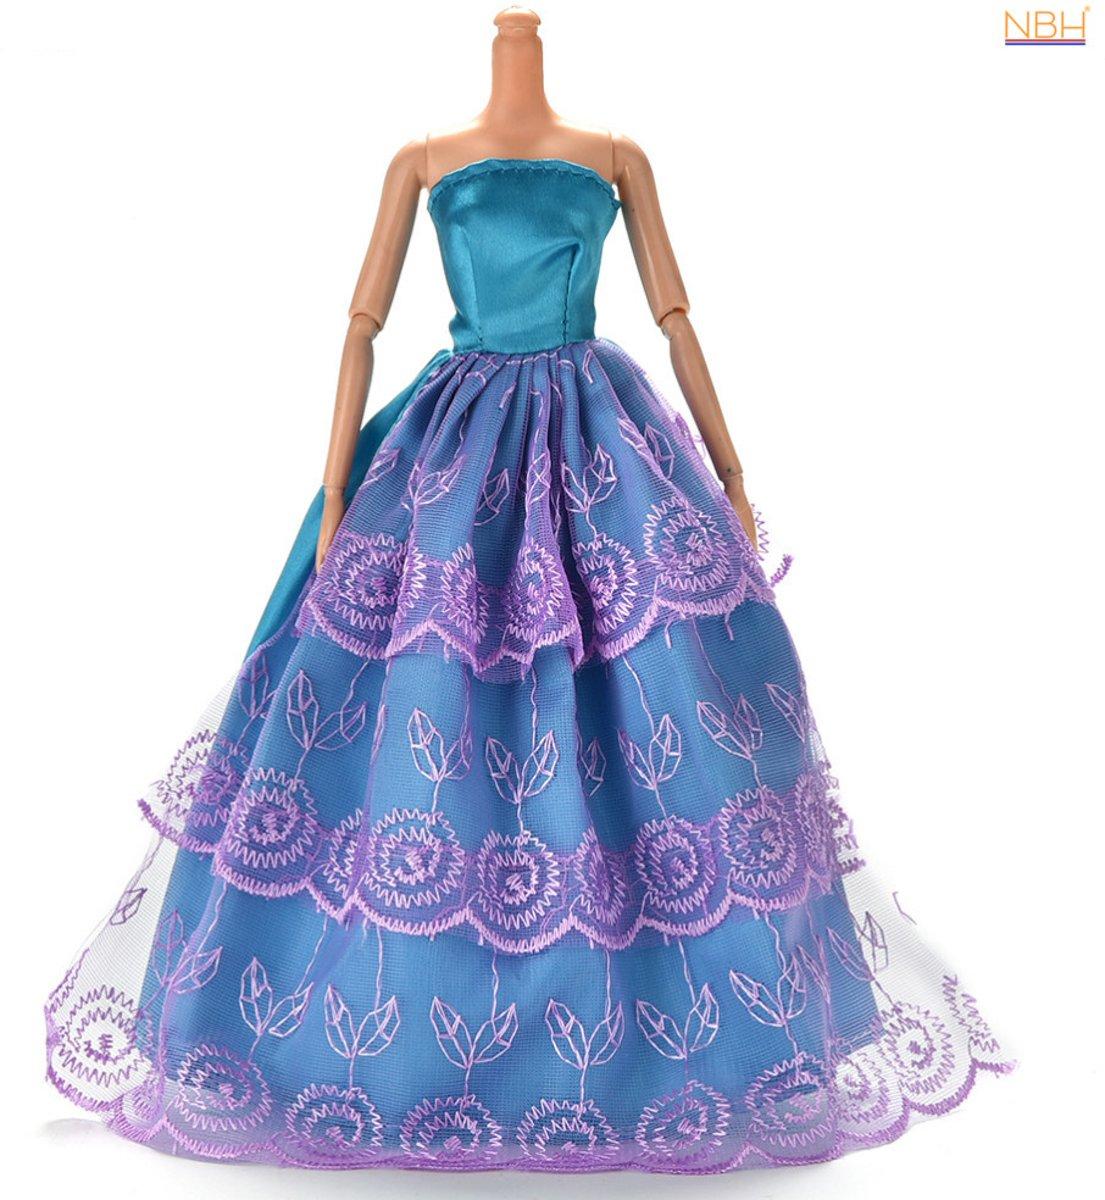 Blauw- Paarse Prinsessenjurk of trouwjurk voor de Barbie pop